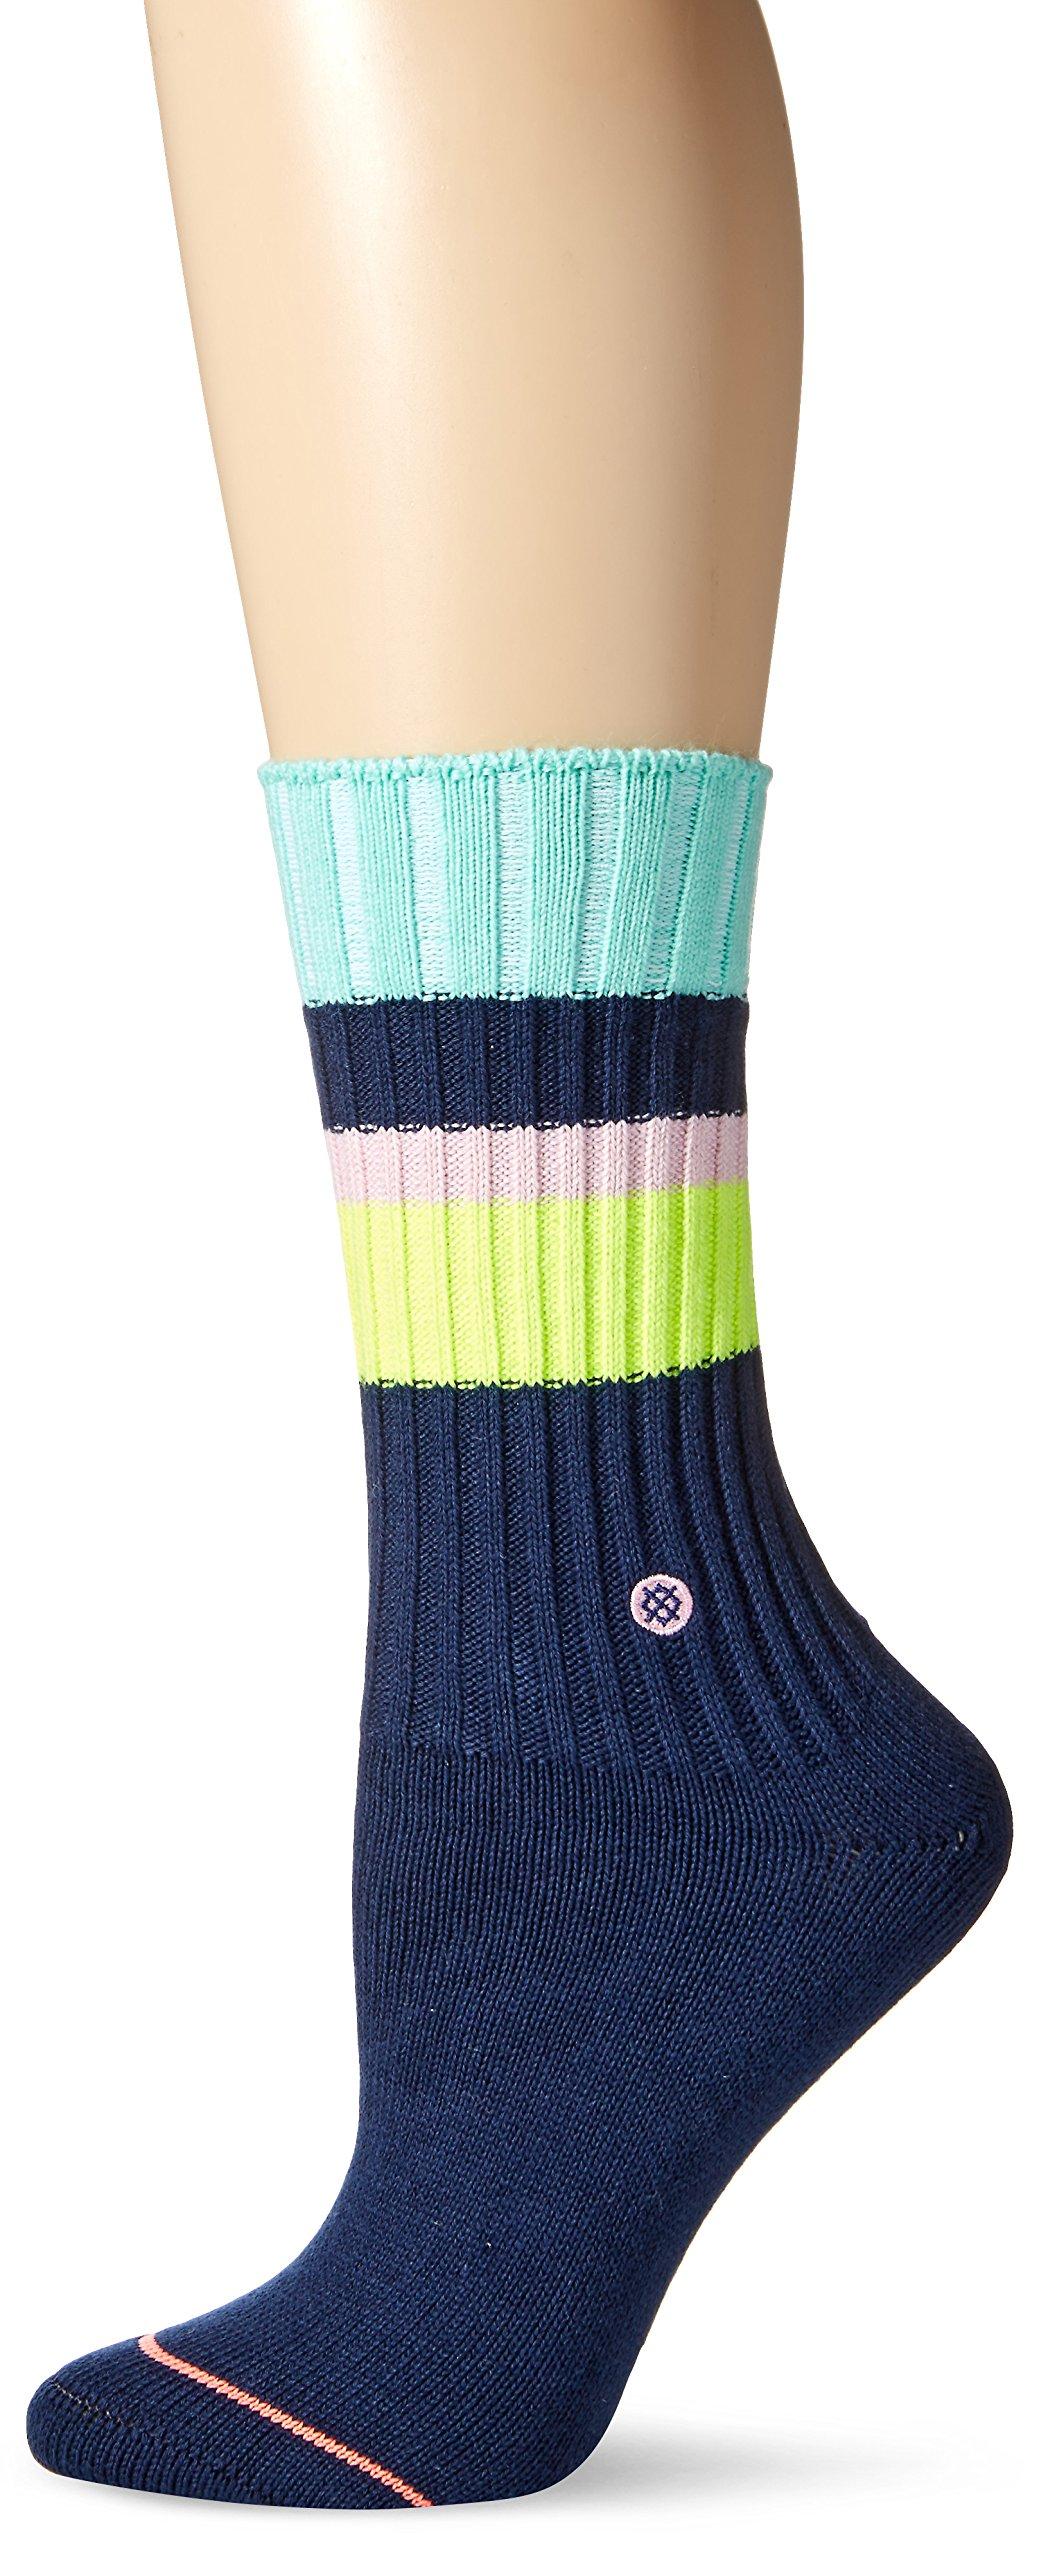 Stance Women's Basic Boot Sock, Navy, Small